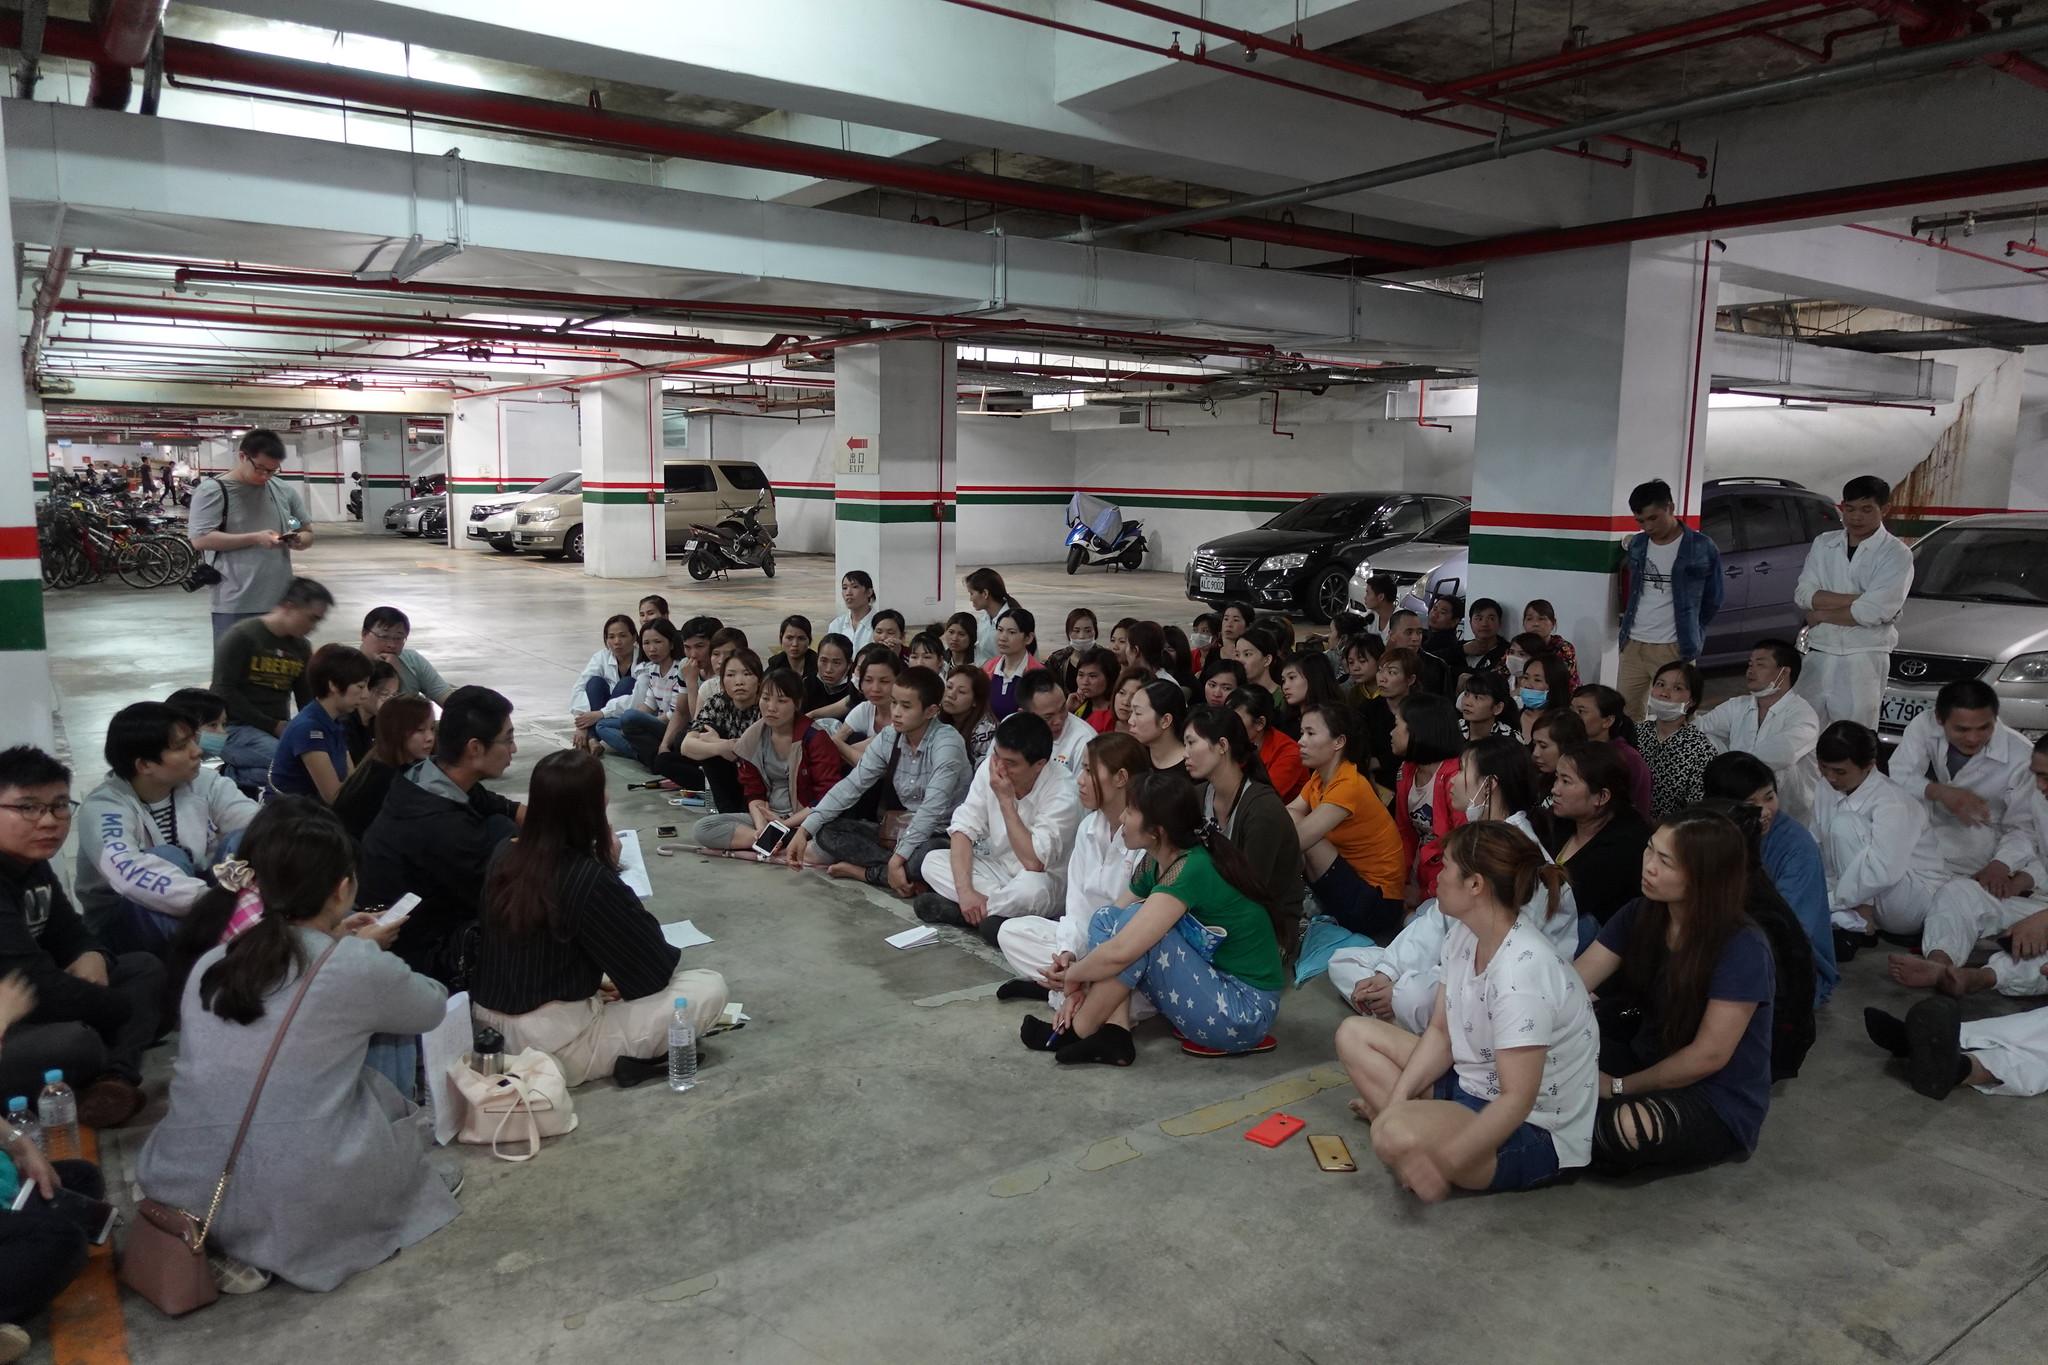 移工罷工聚集在地下停車場和資方談判。(攝影:張智琦)